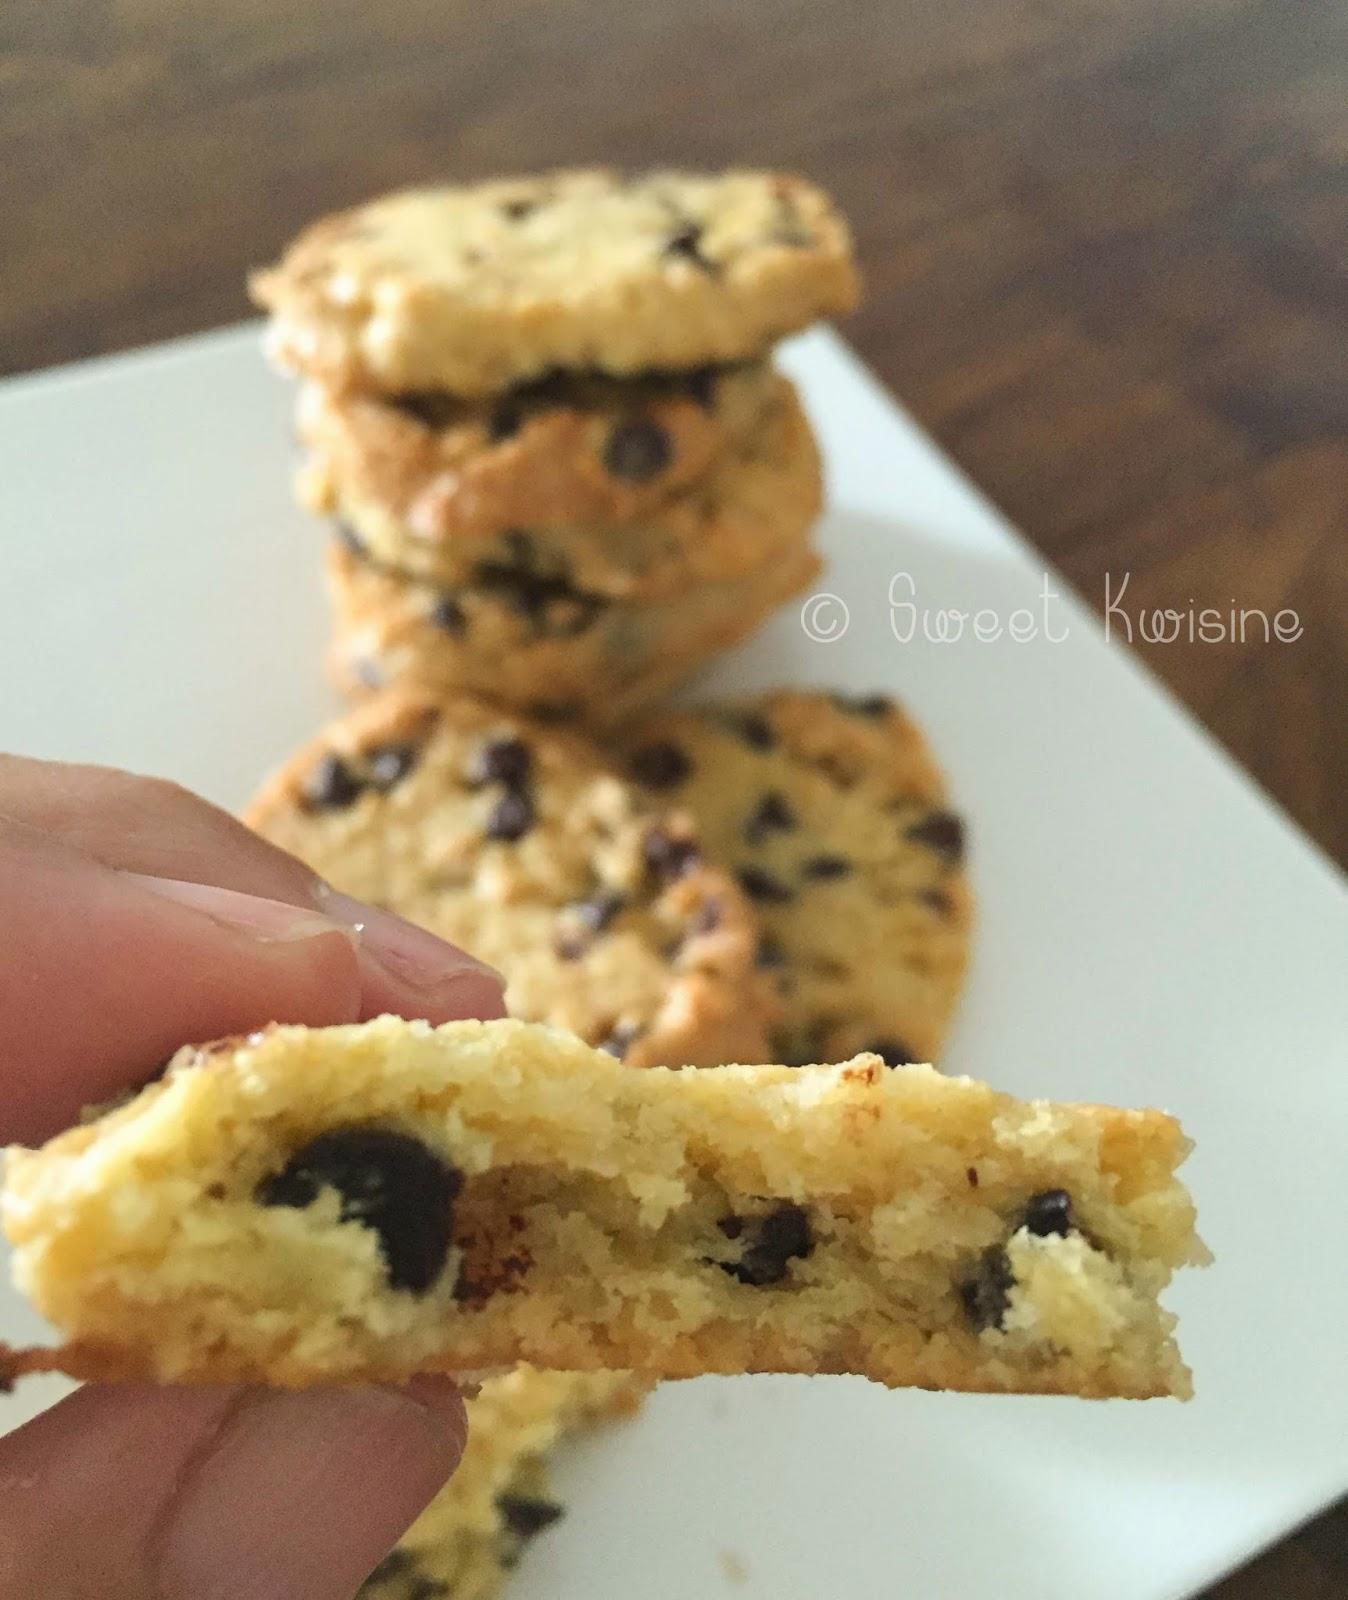 sweet kwisine, chocolat, cookies, biscuits, sablés, jaunes d'oeuf en trop